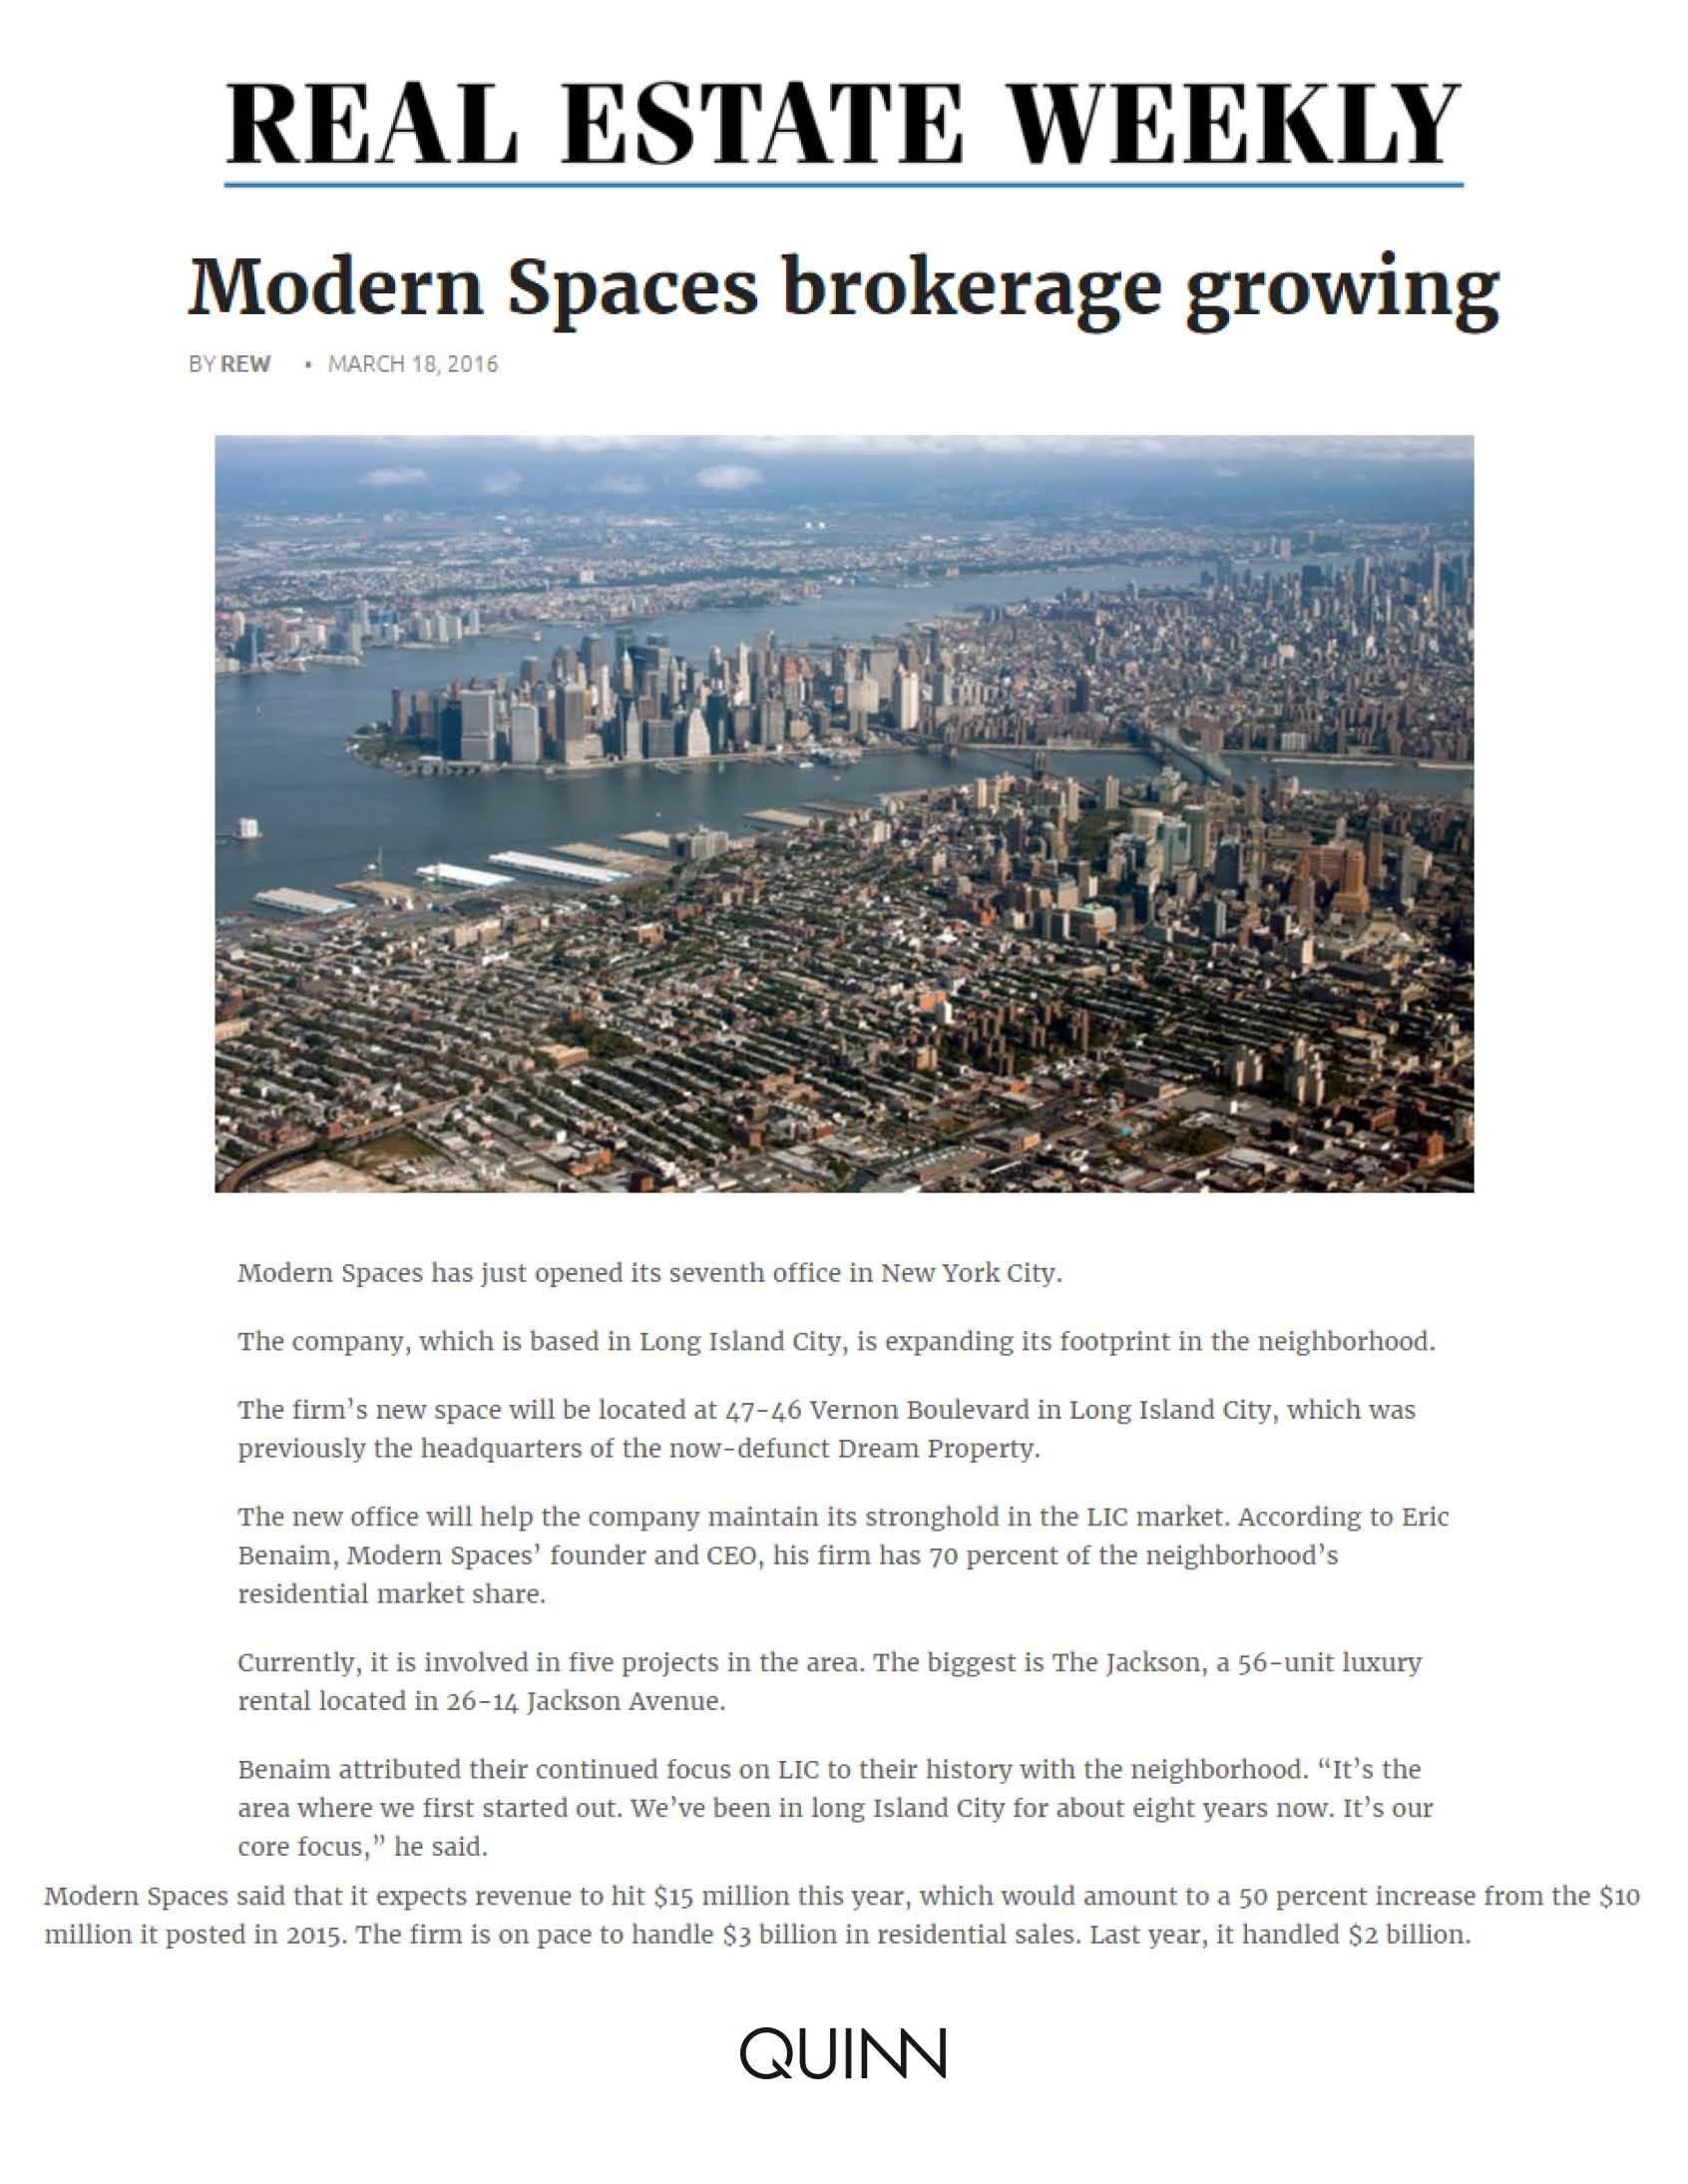 Real Estate Weekly Online - Modern Spaces brokerage growing - 03.18.16 (1)